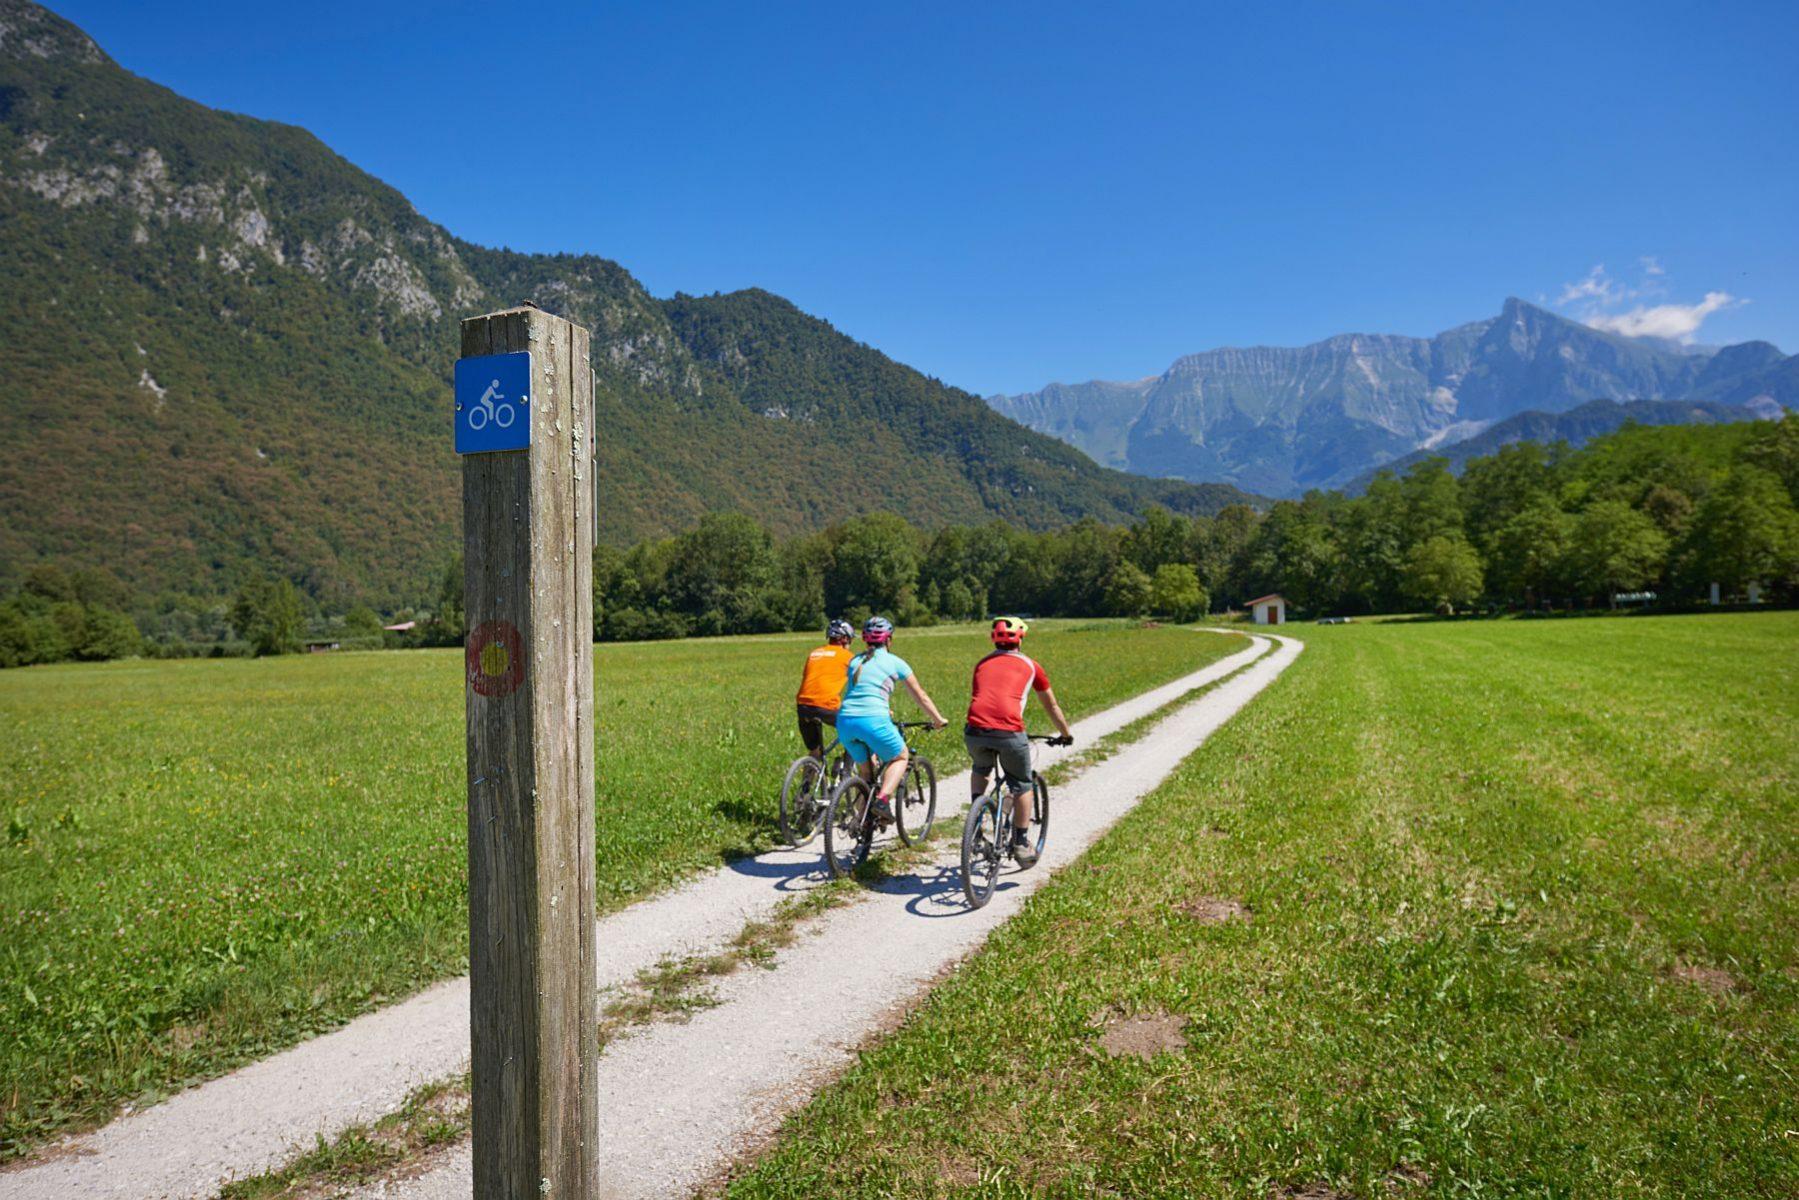 Pyöräilijöitä vuoriston ympäröimällä pienellä hiekkatiellä.